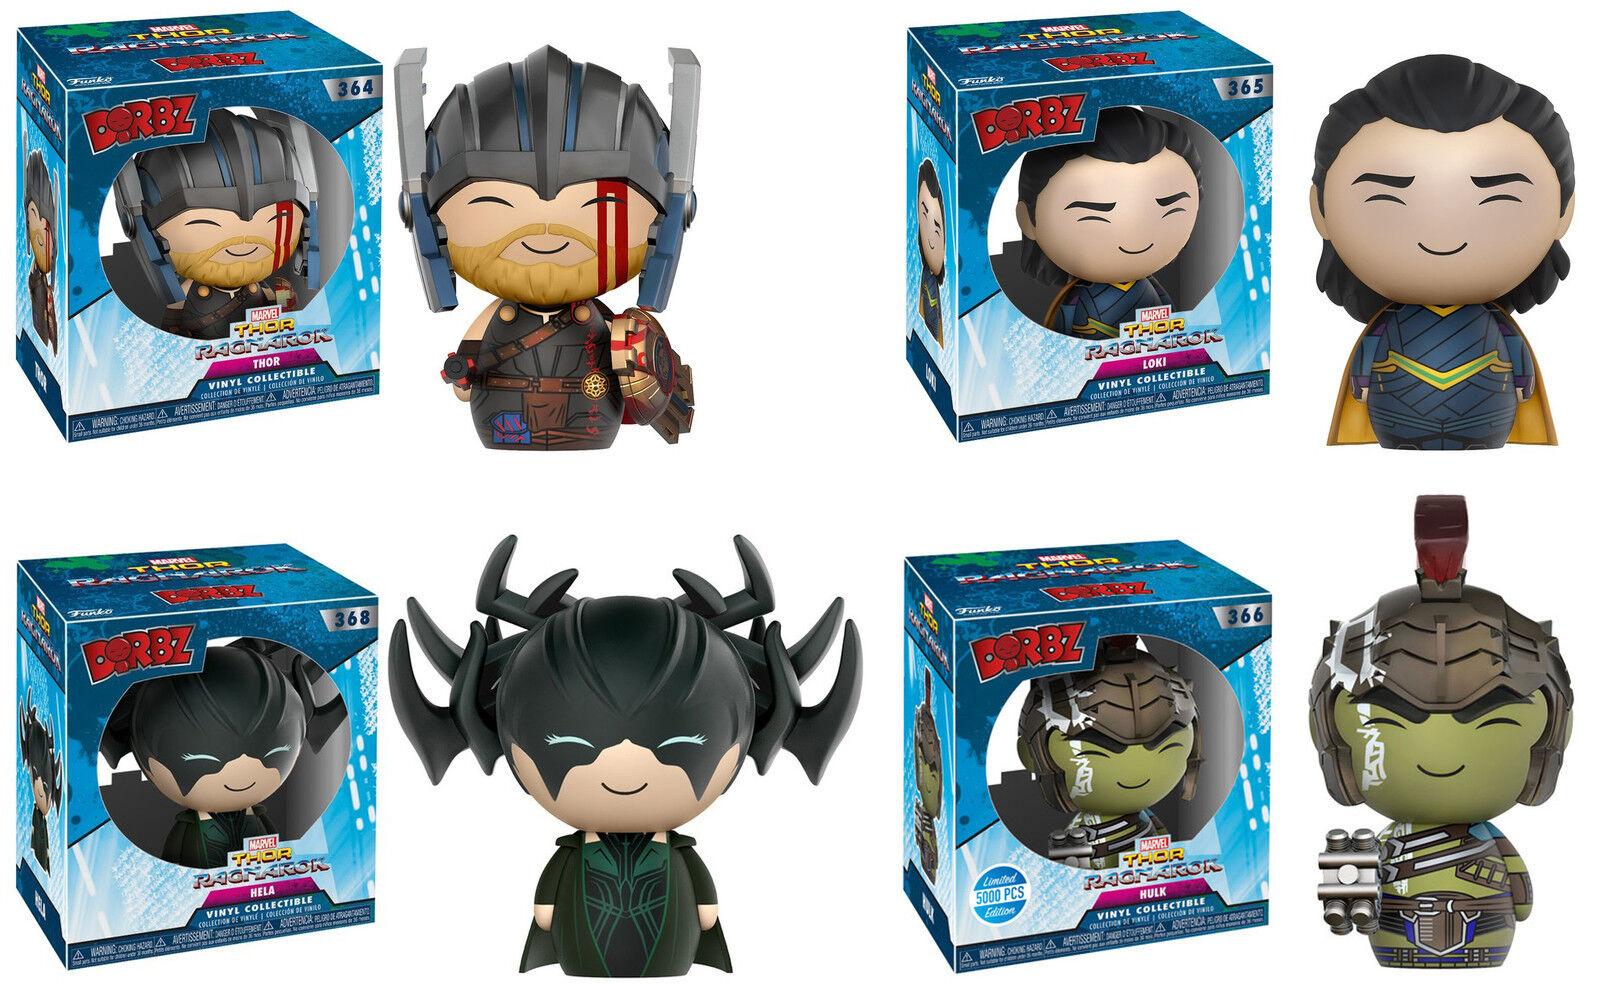 Funko dorbz  Thor  Ragnarok Vinilo 4-Figura Set  Thor, Hela, Loki, Hulk  Marvel